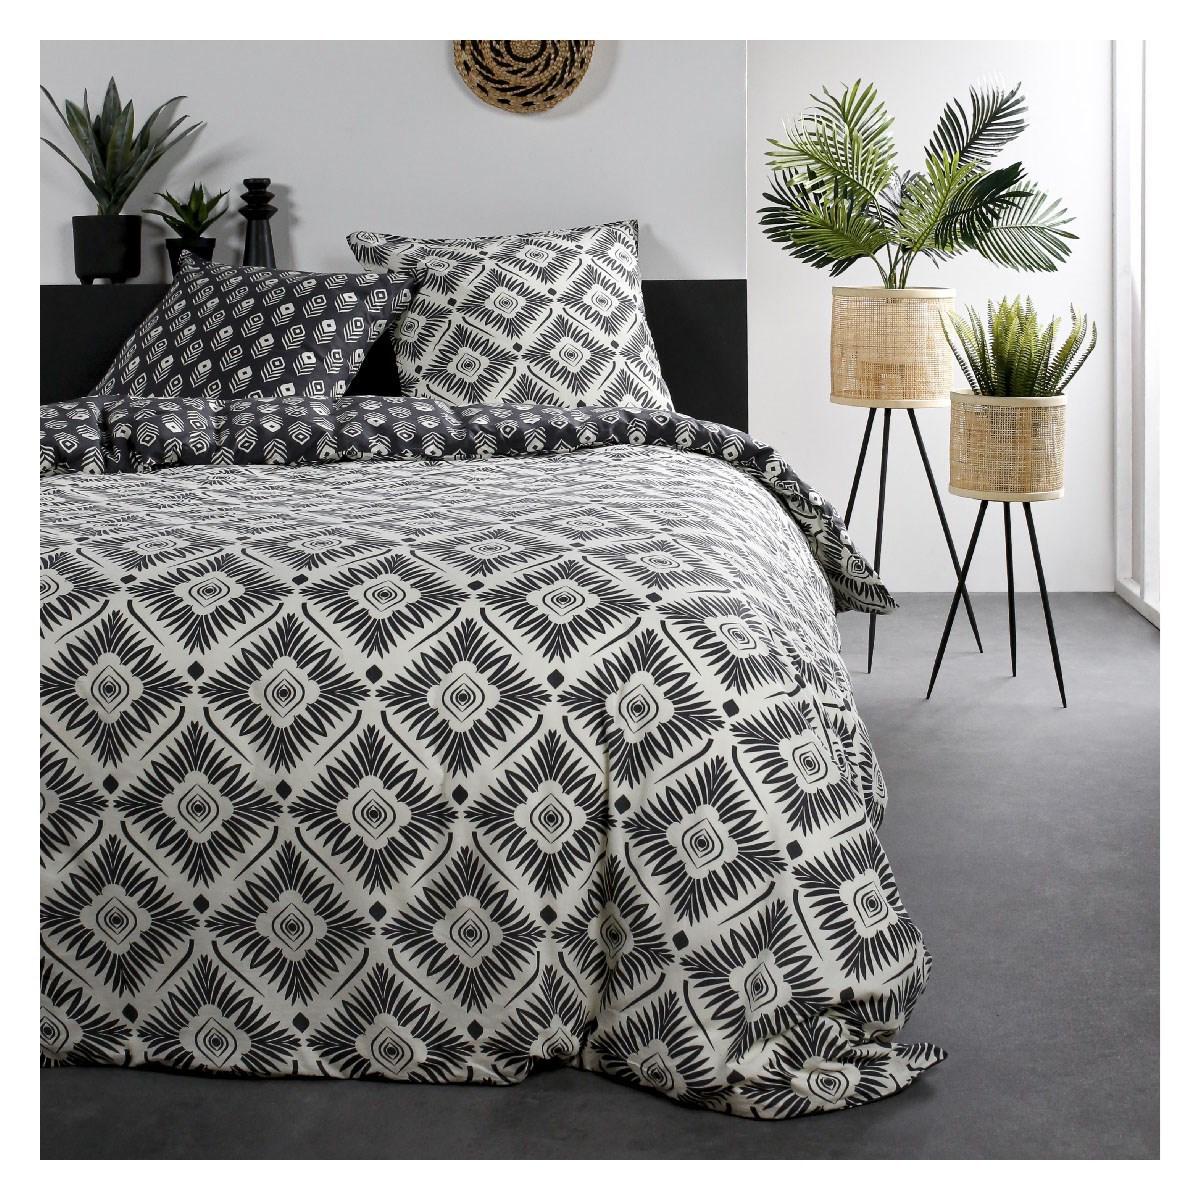 Parure de lit 2 personnes imprimé en Coton Blanc 220x240 cm